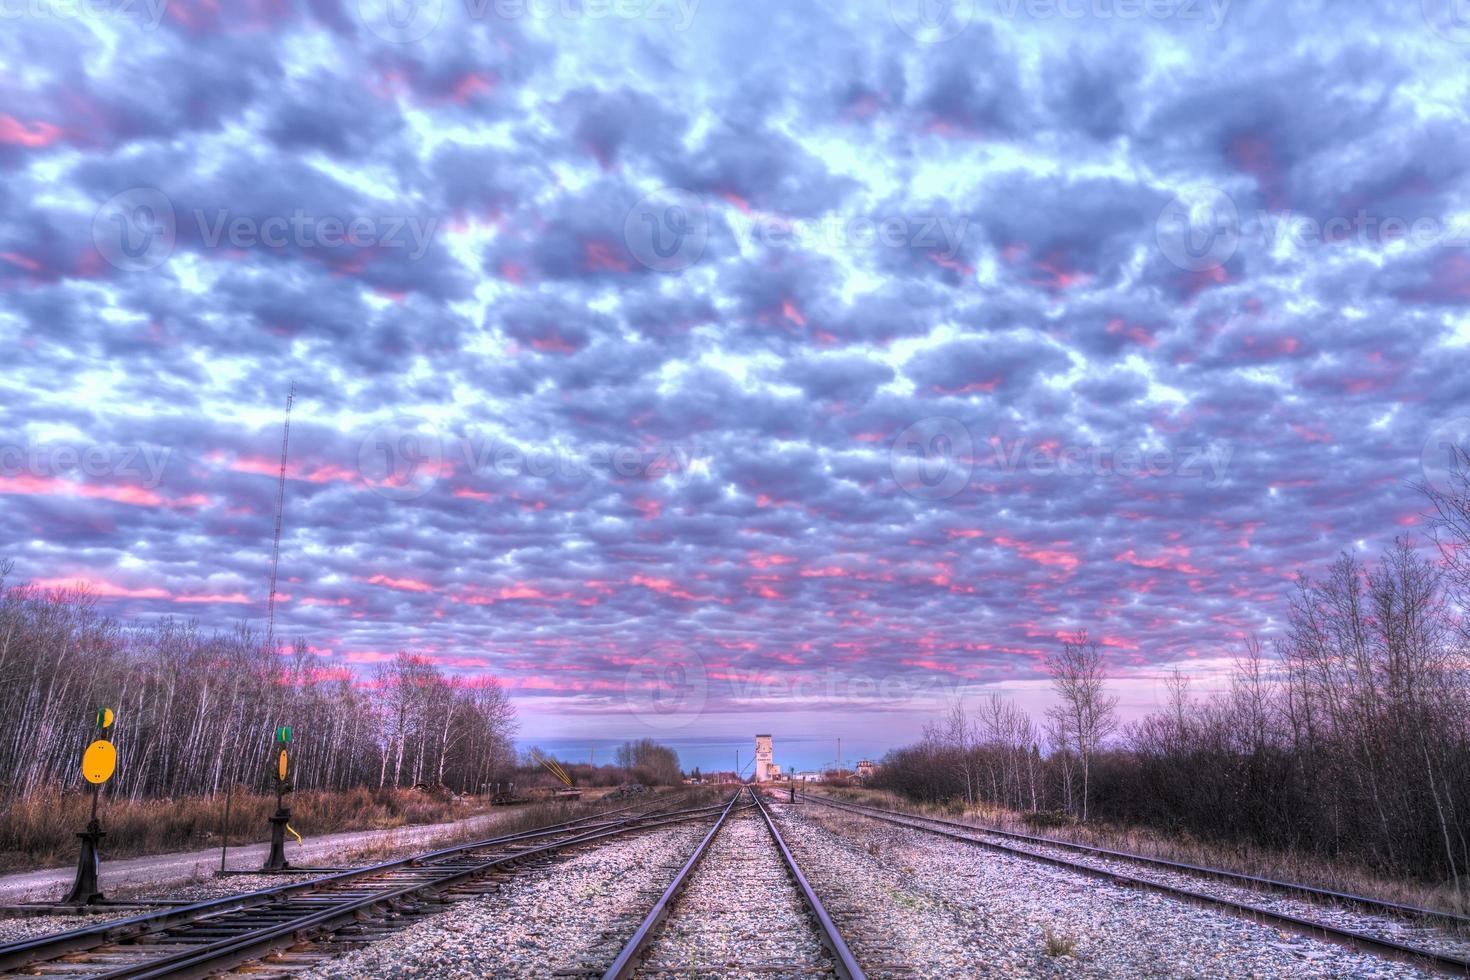 järnvägsspår vid solnedgången foto